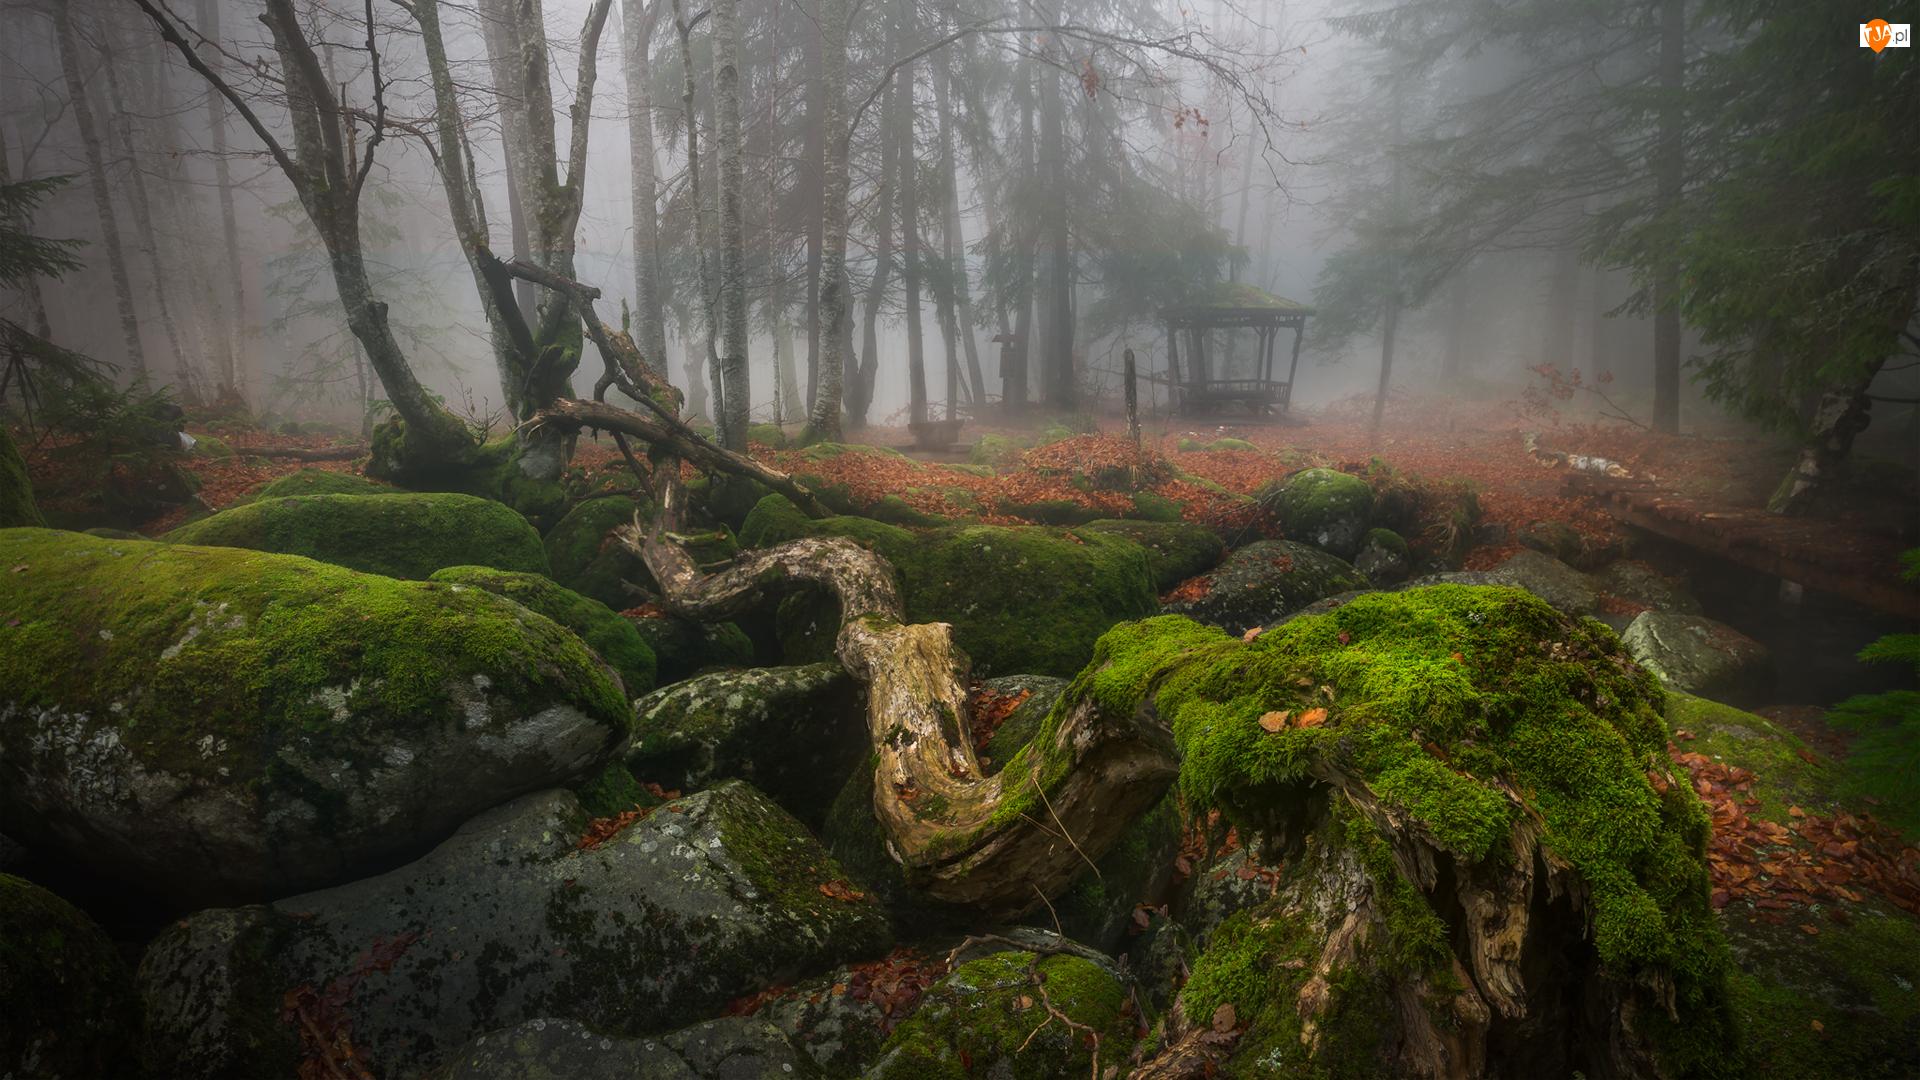 Drzewa, Omszałe, Mgła, Park, Altanka, Kamienie, Pnie